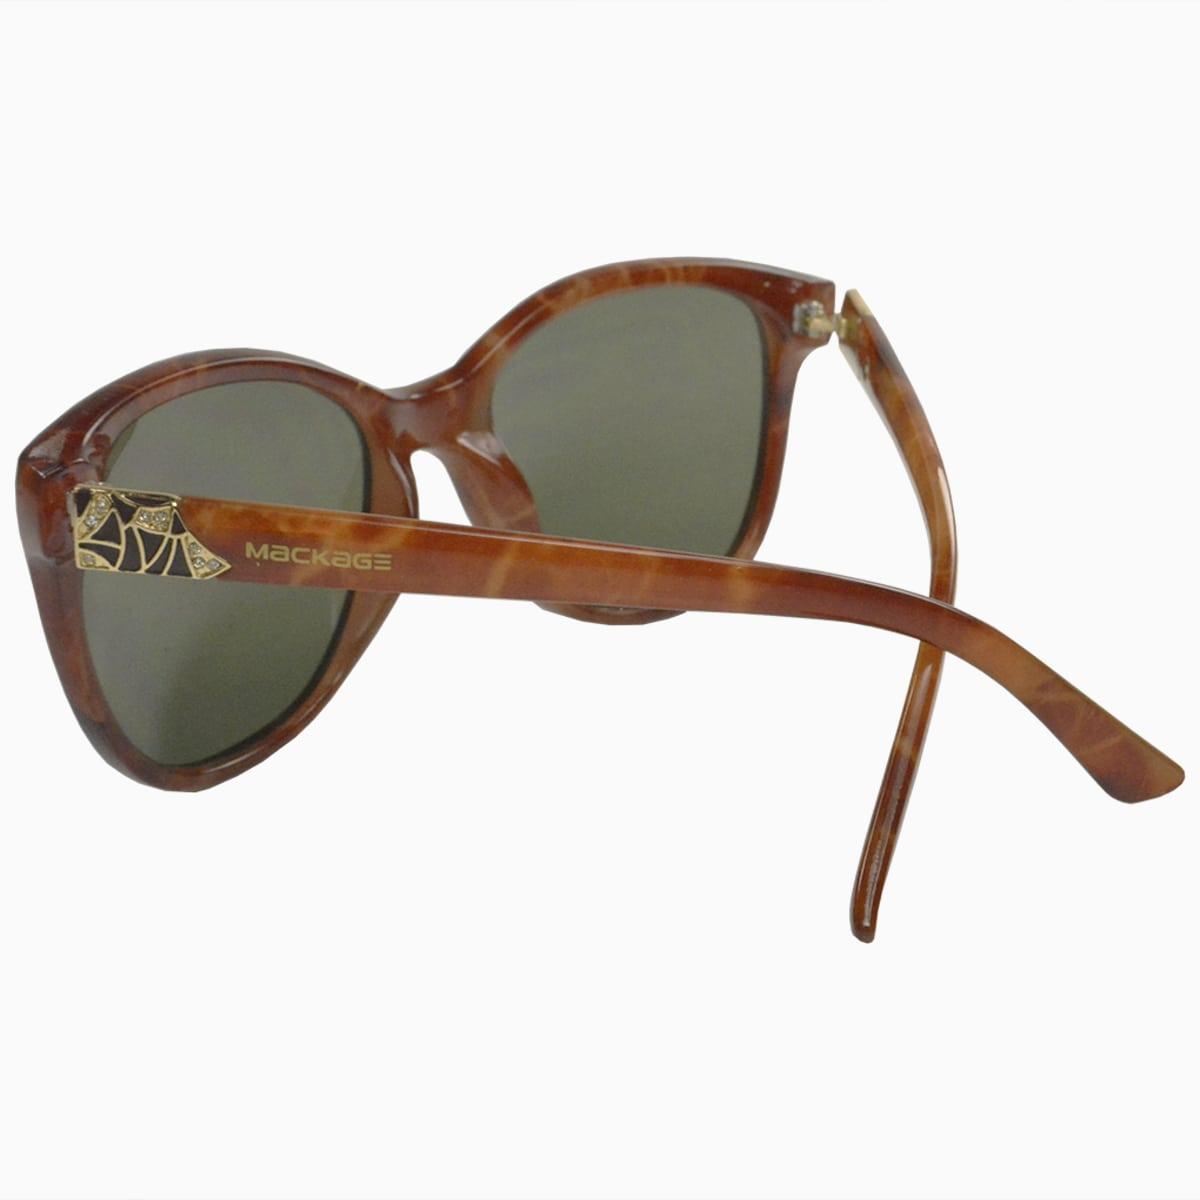 Óculos de Sol Mackage Feminino Acetato Gateado - Marmorizado Marrom